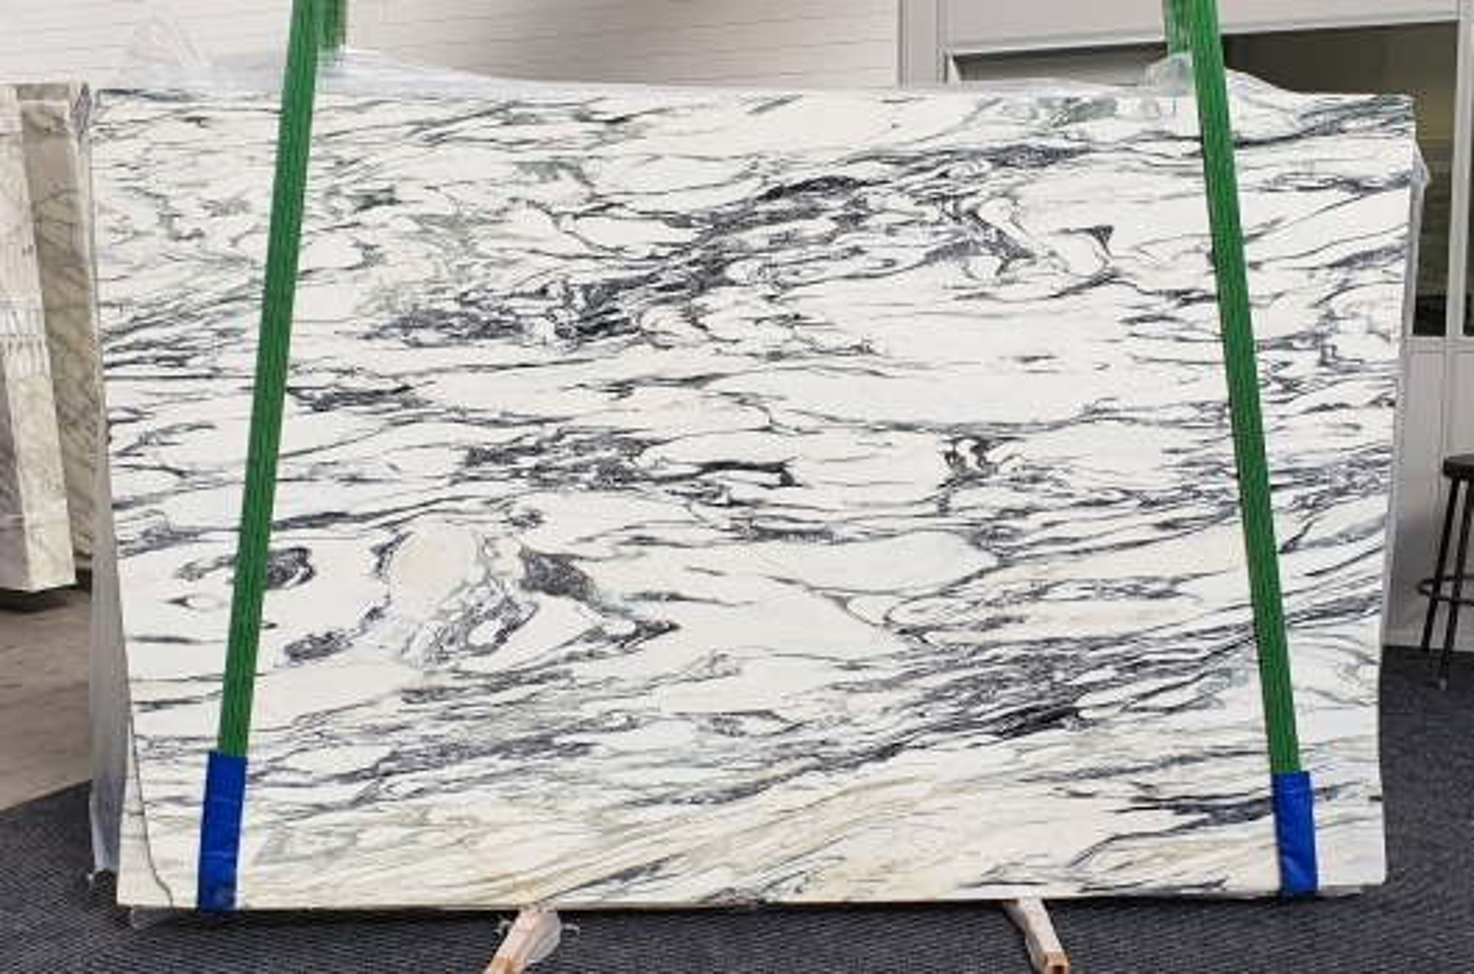 FANTASTICO ARNI Suministro Verona (Italia) de planchas pulidas en mármol natural 1190 , Bund #6-41